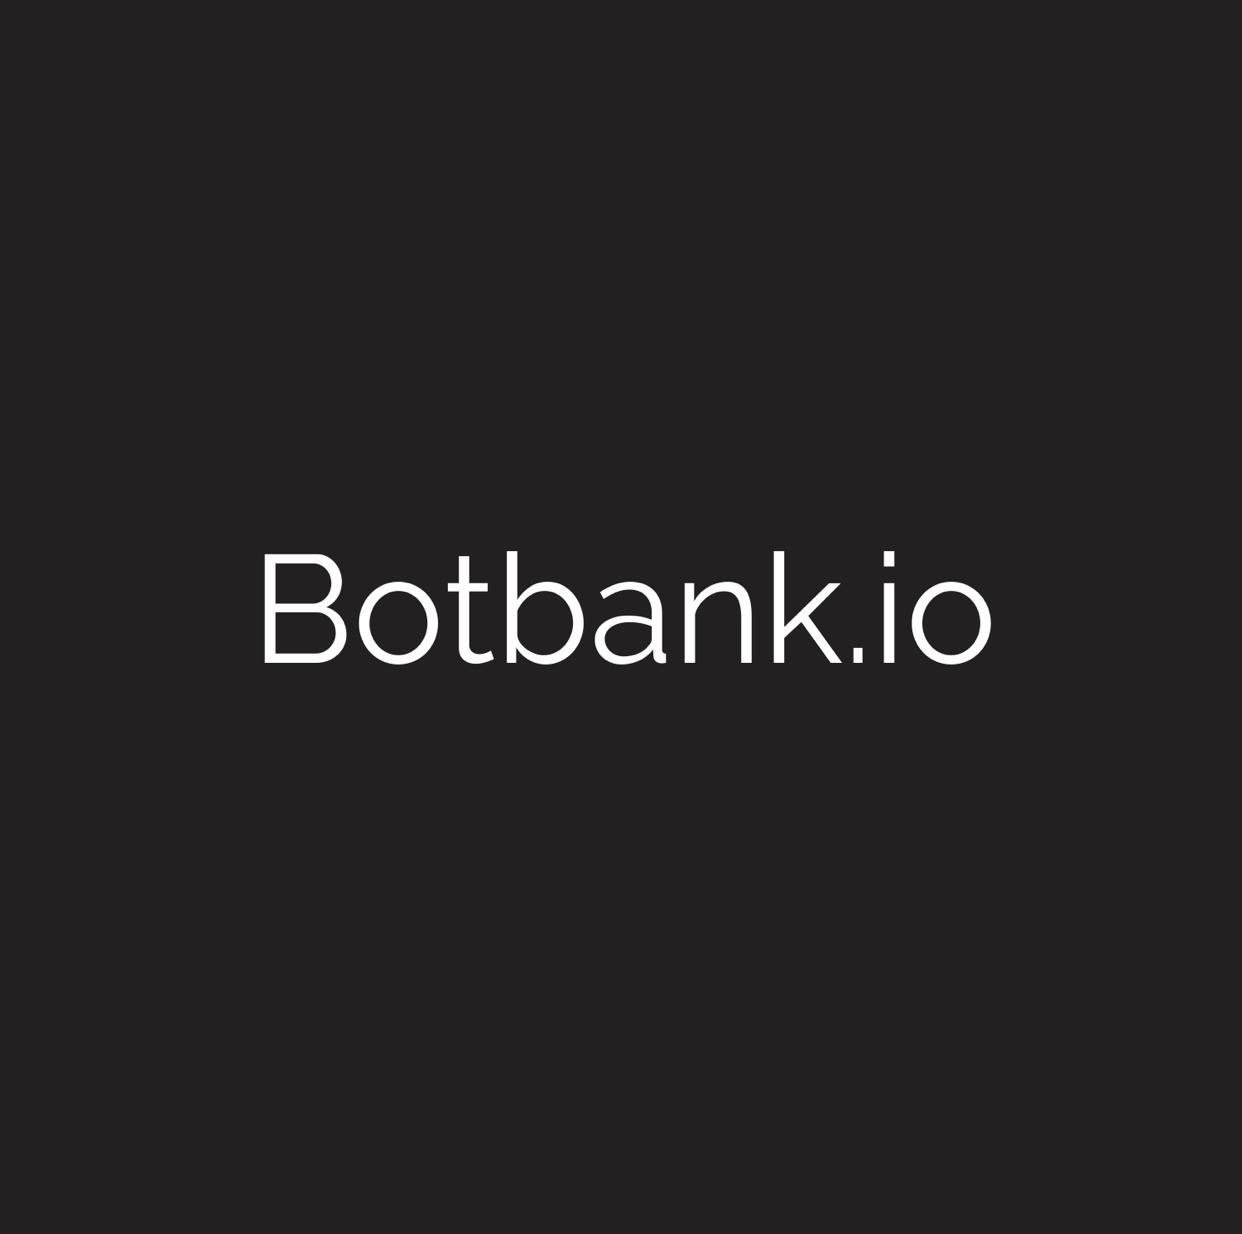 BotBank.io , a chatbot developer